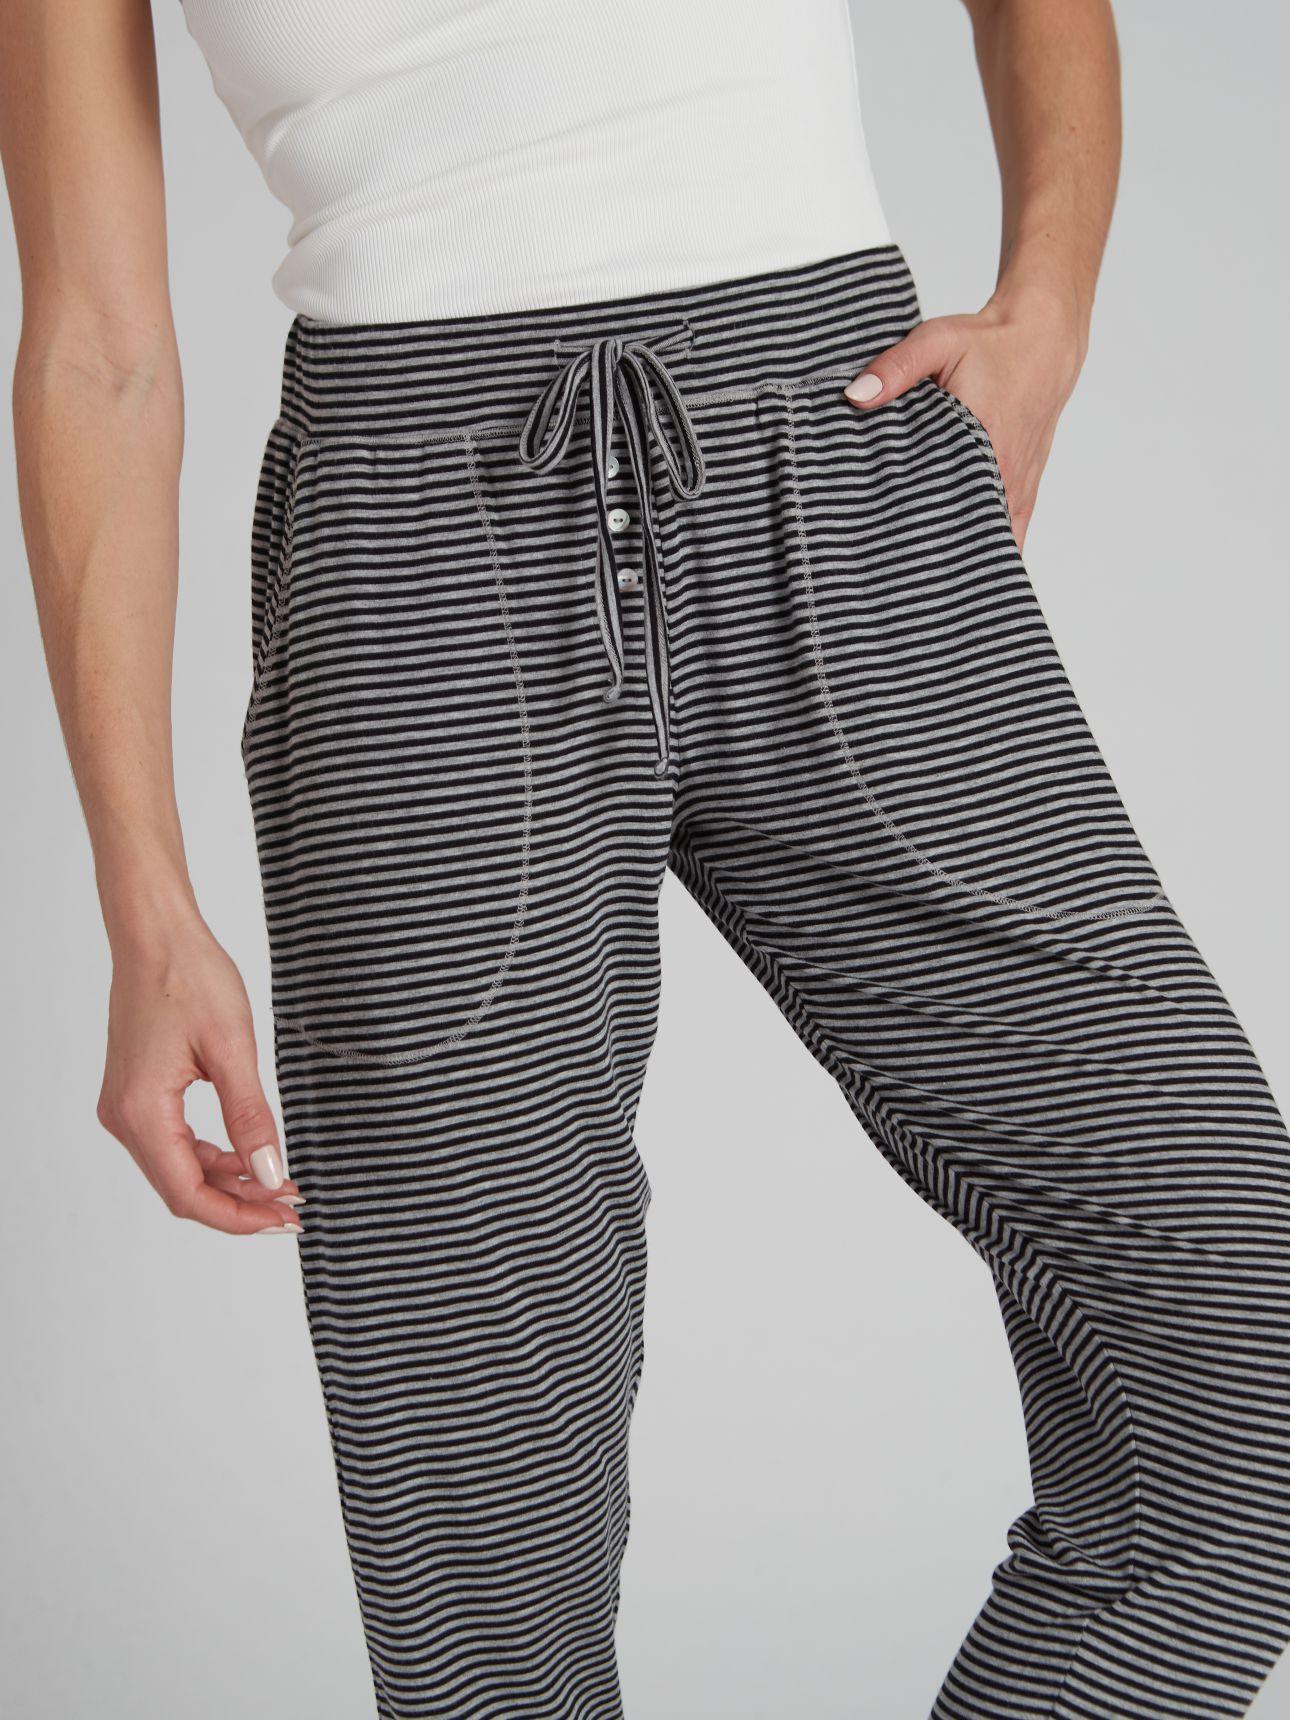 מכנסיים ארוכים DARLING בצבע פסים